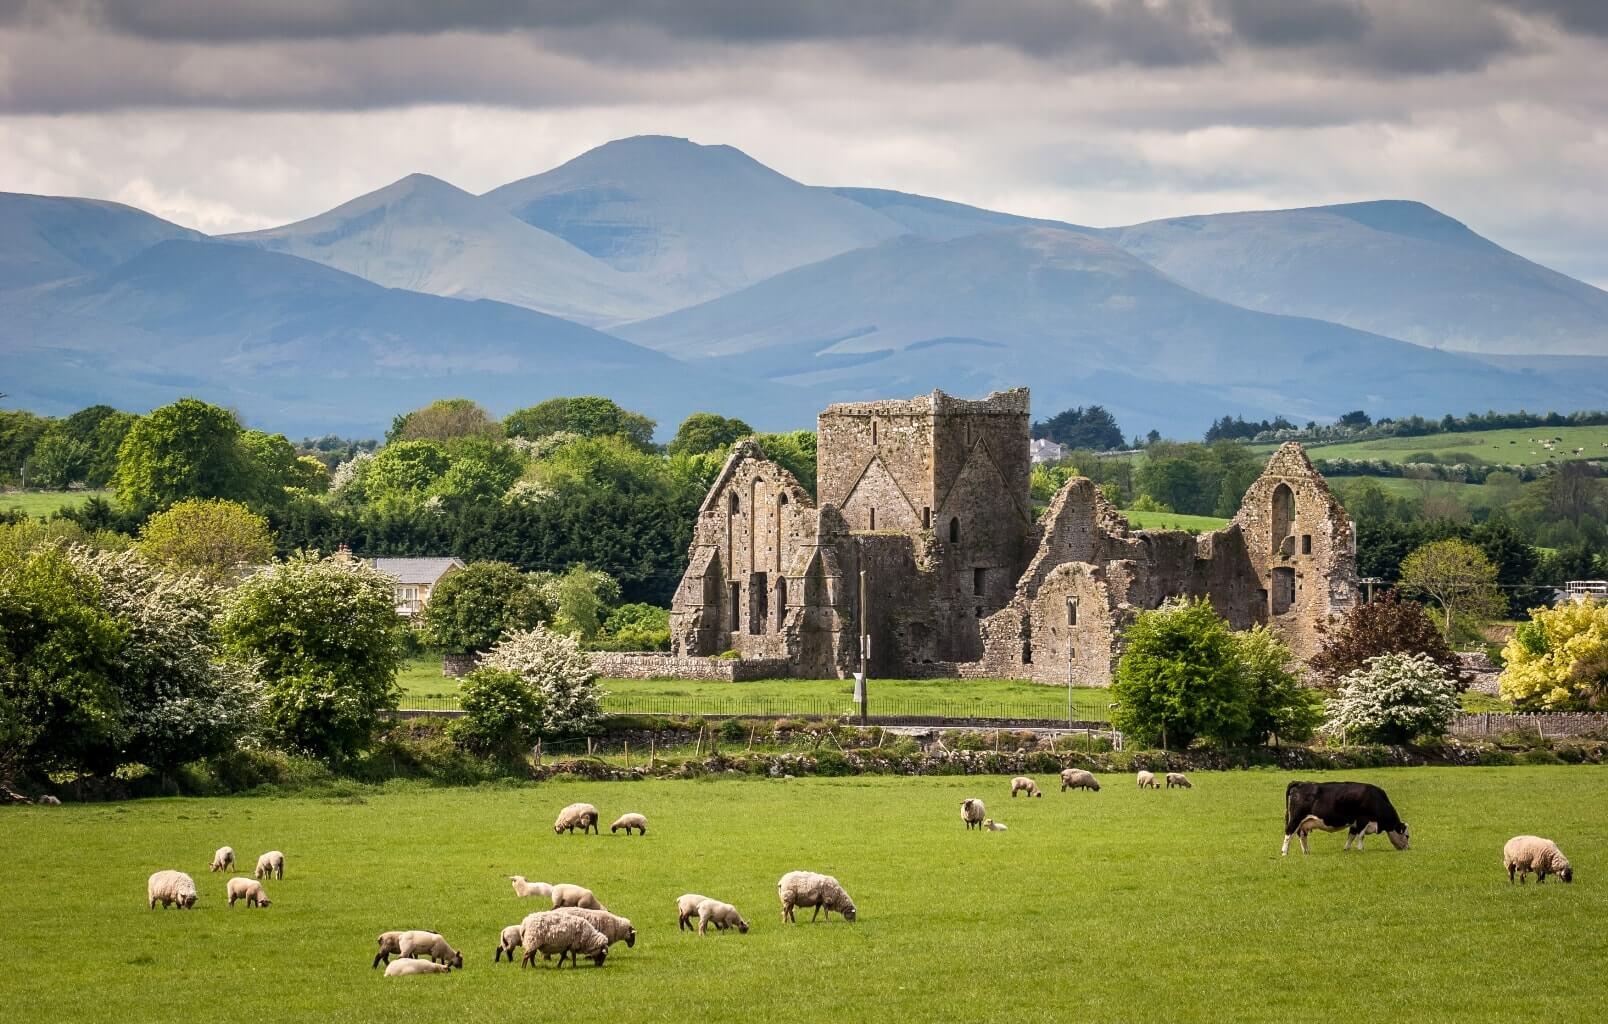 Paysage irlandais : prairie verte avec des moutons et des vaches, et des ruines en fond.